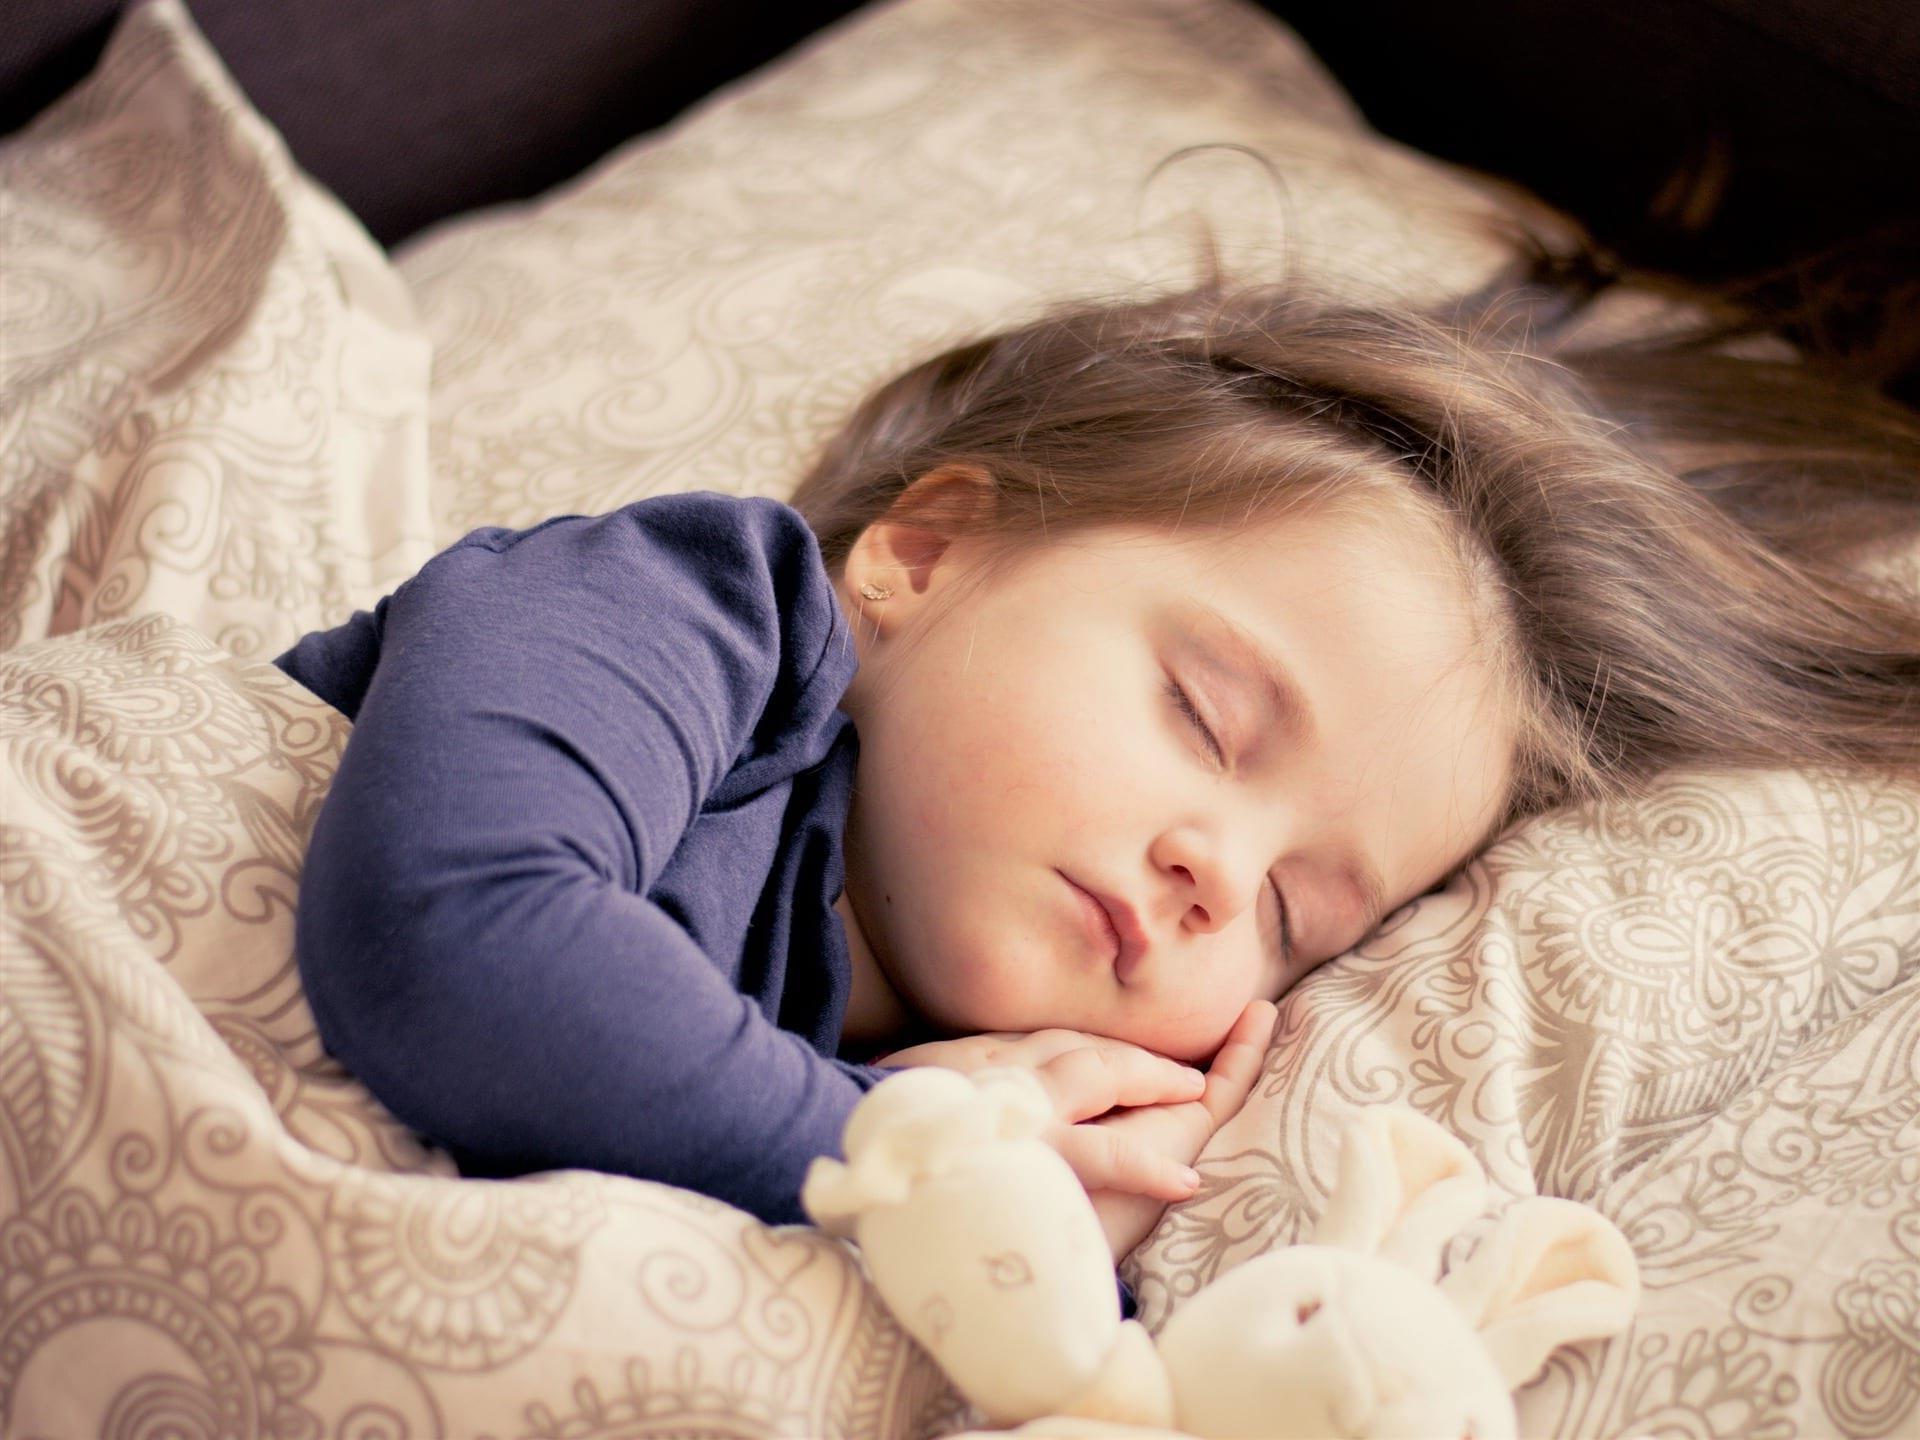 Почему ребенок не хочет ложиться спать - причины и решения проблем